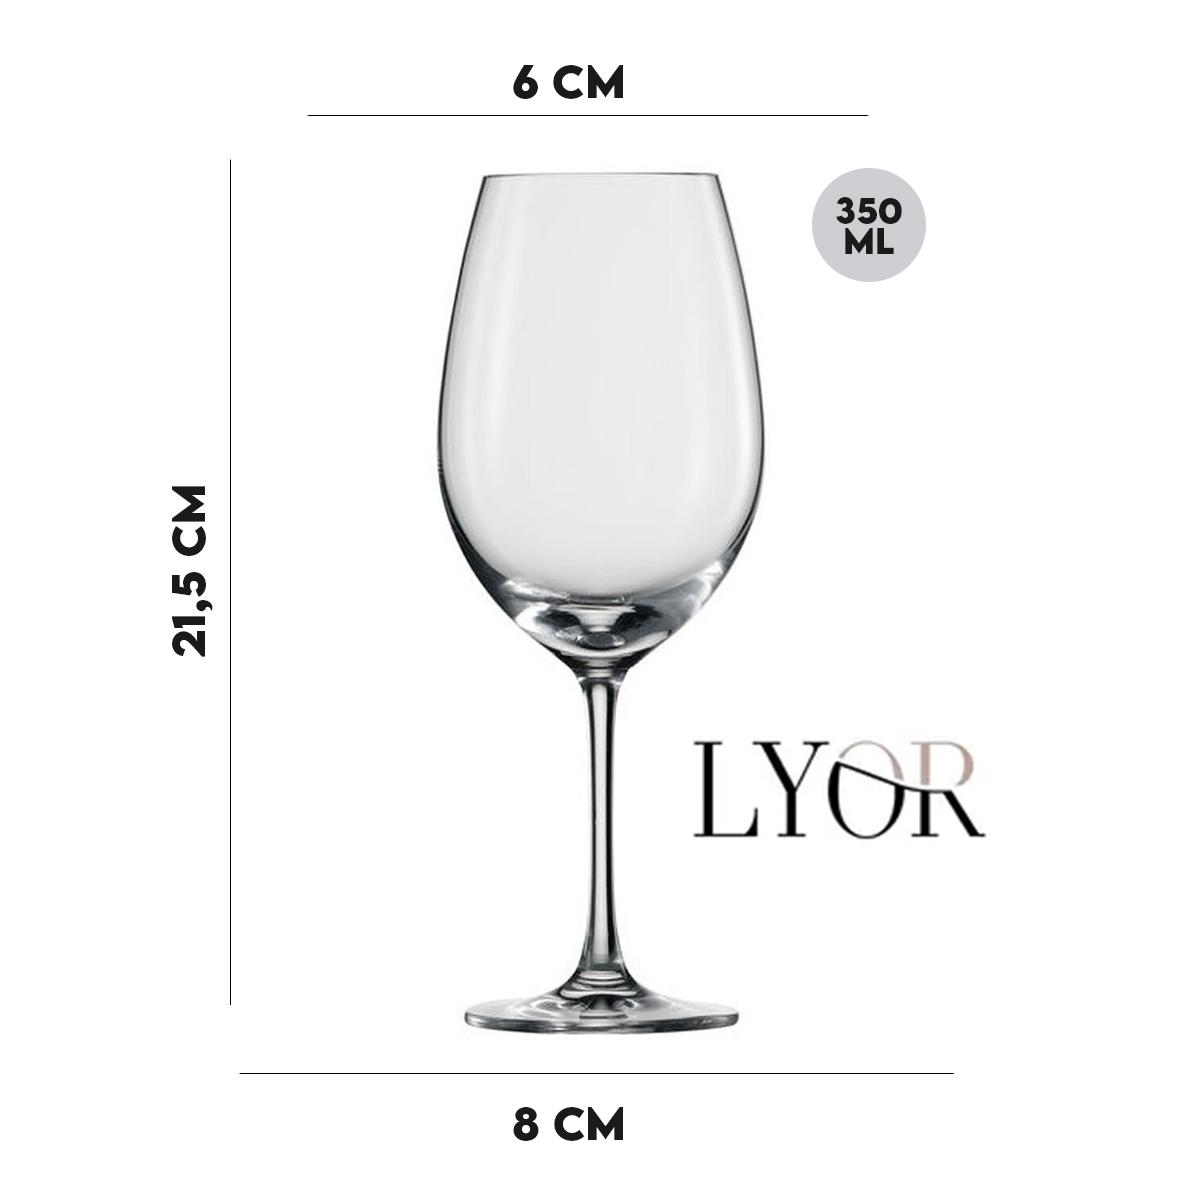 Taça para Vinho 350ml  Lyor  - Lemis